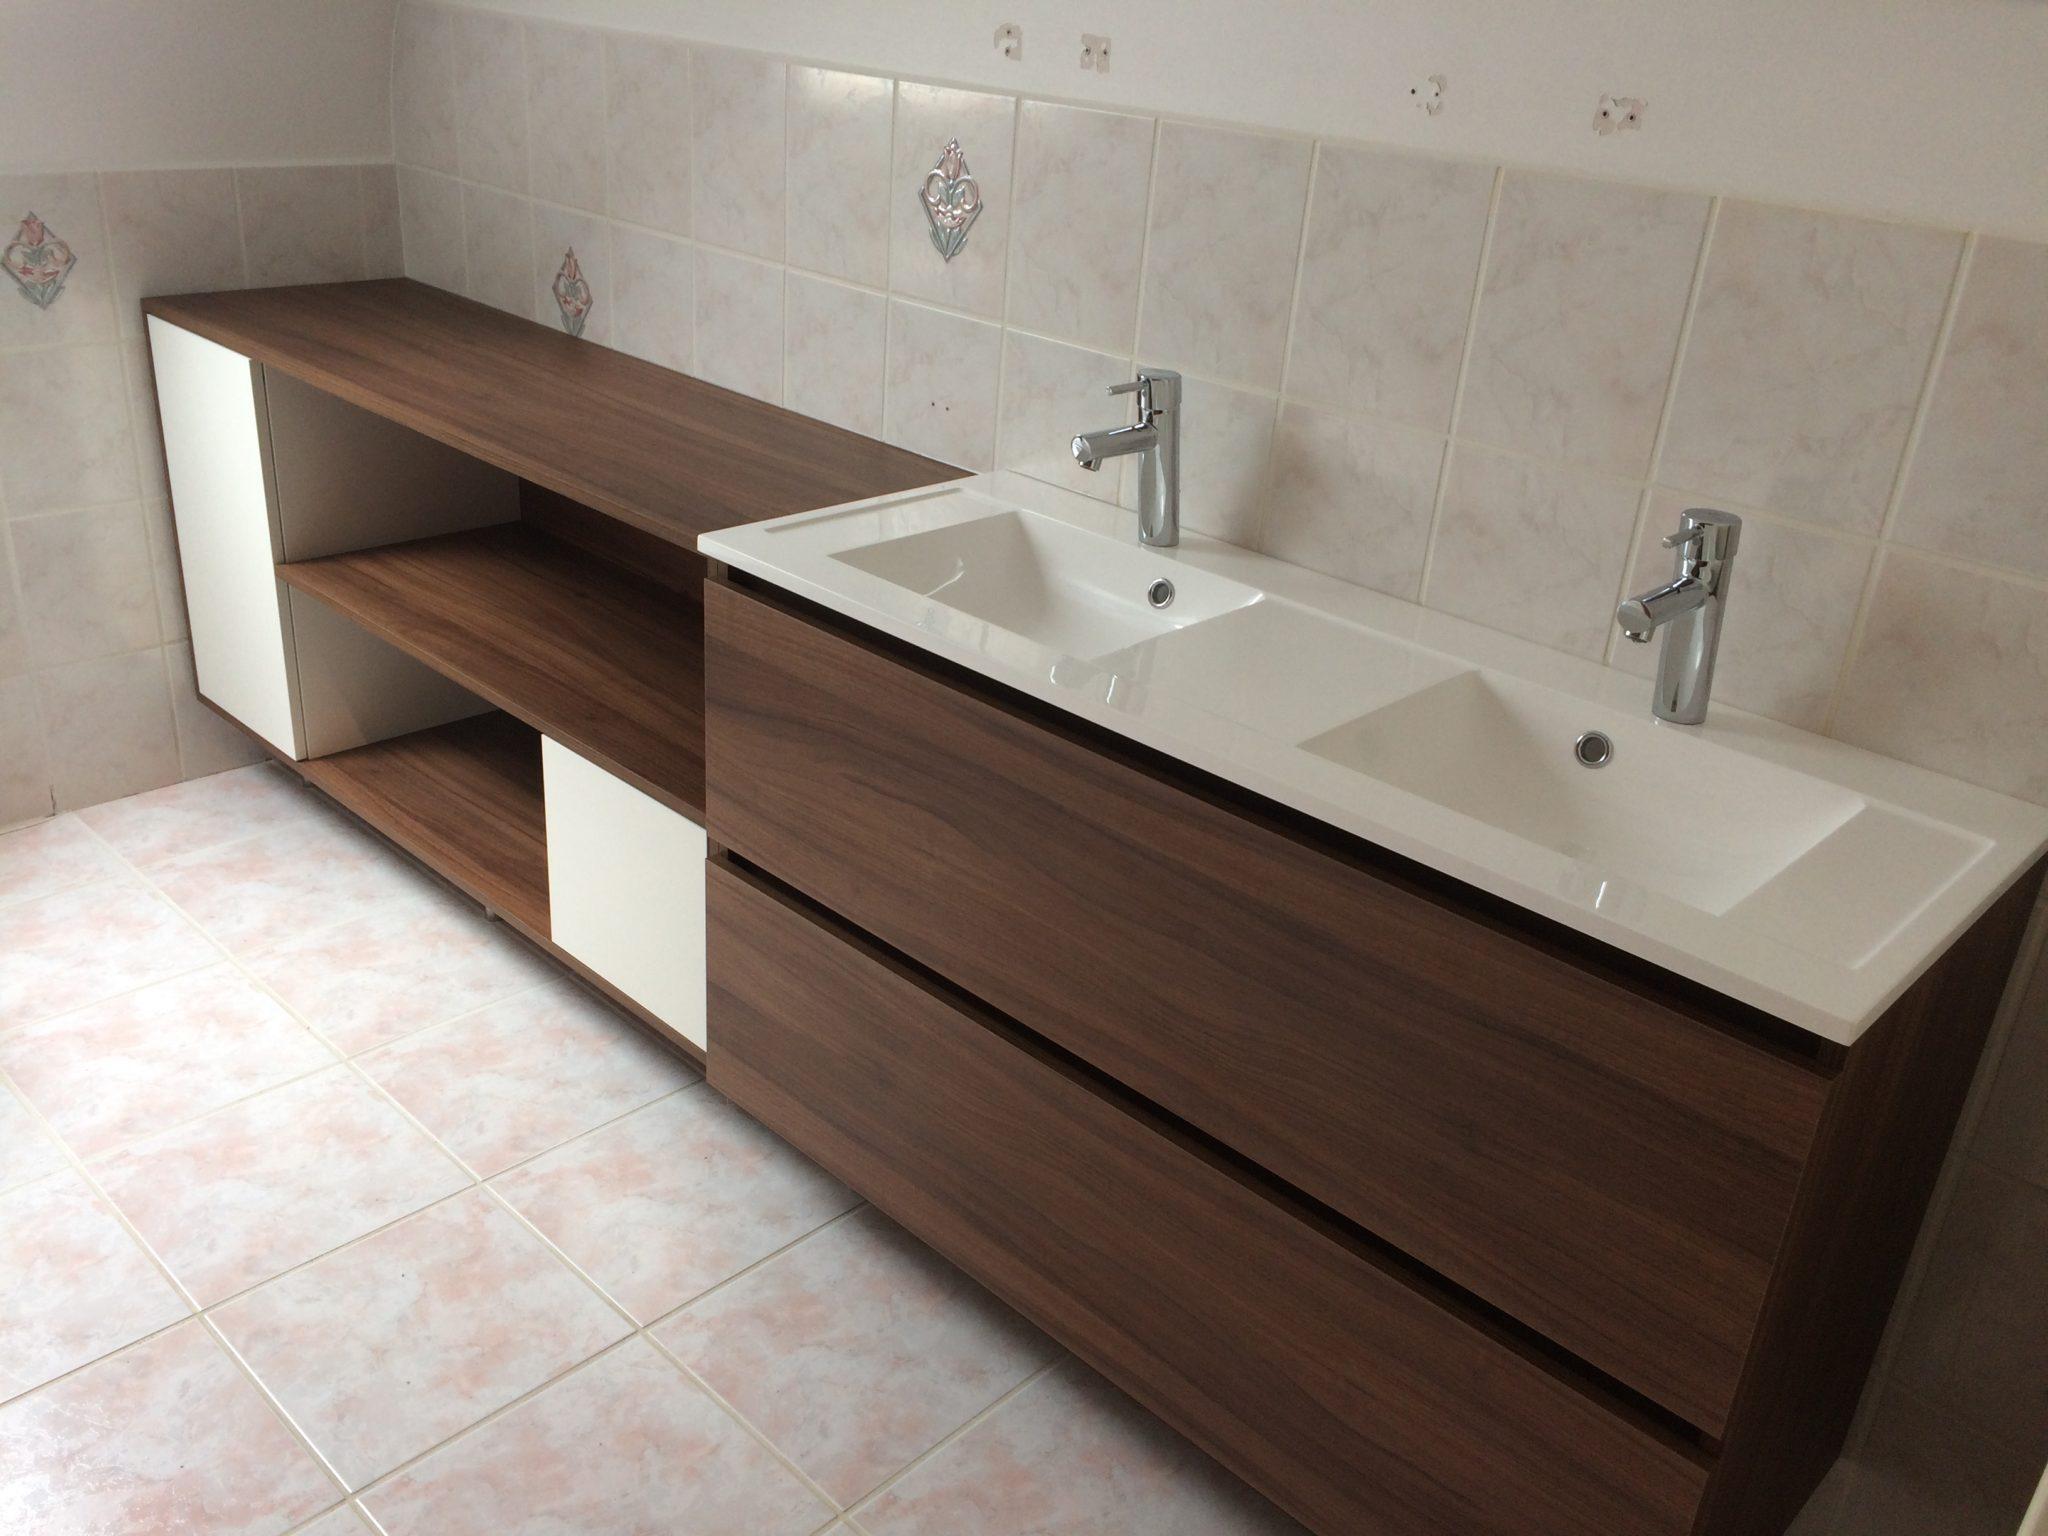 conception et r alisation de meubles salle de bain sur mesure namur. Black Bedroom Furniture Sets. Home Design Ideas